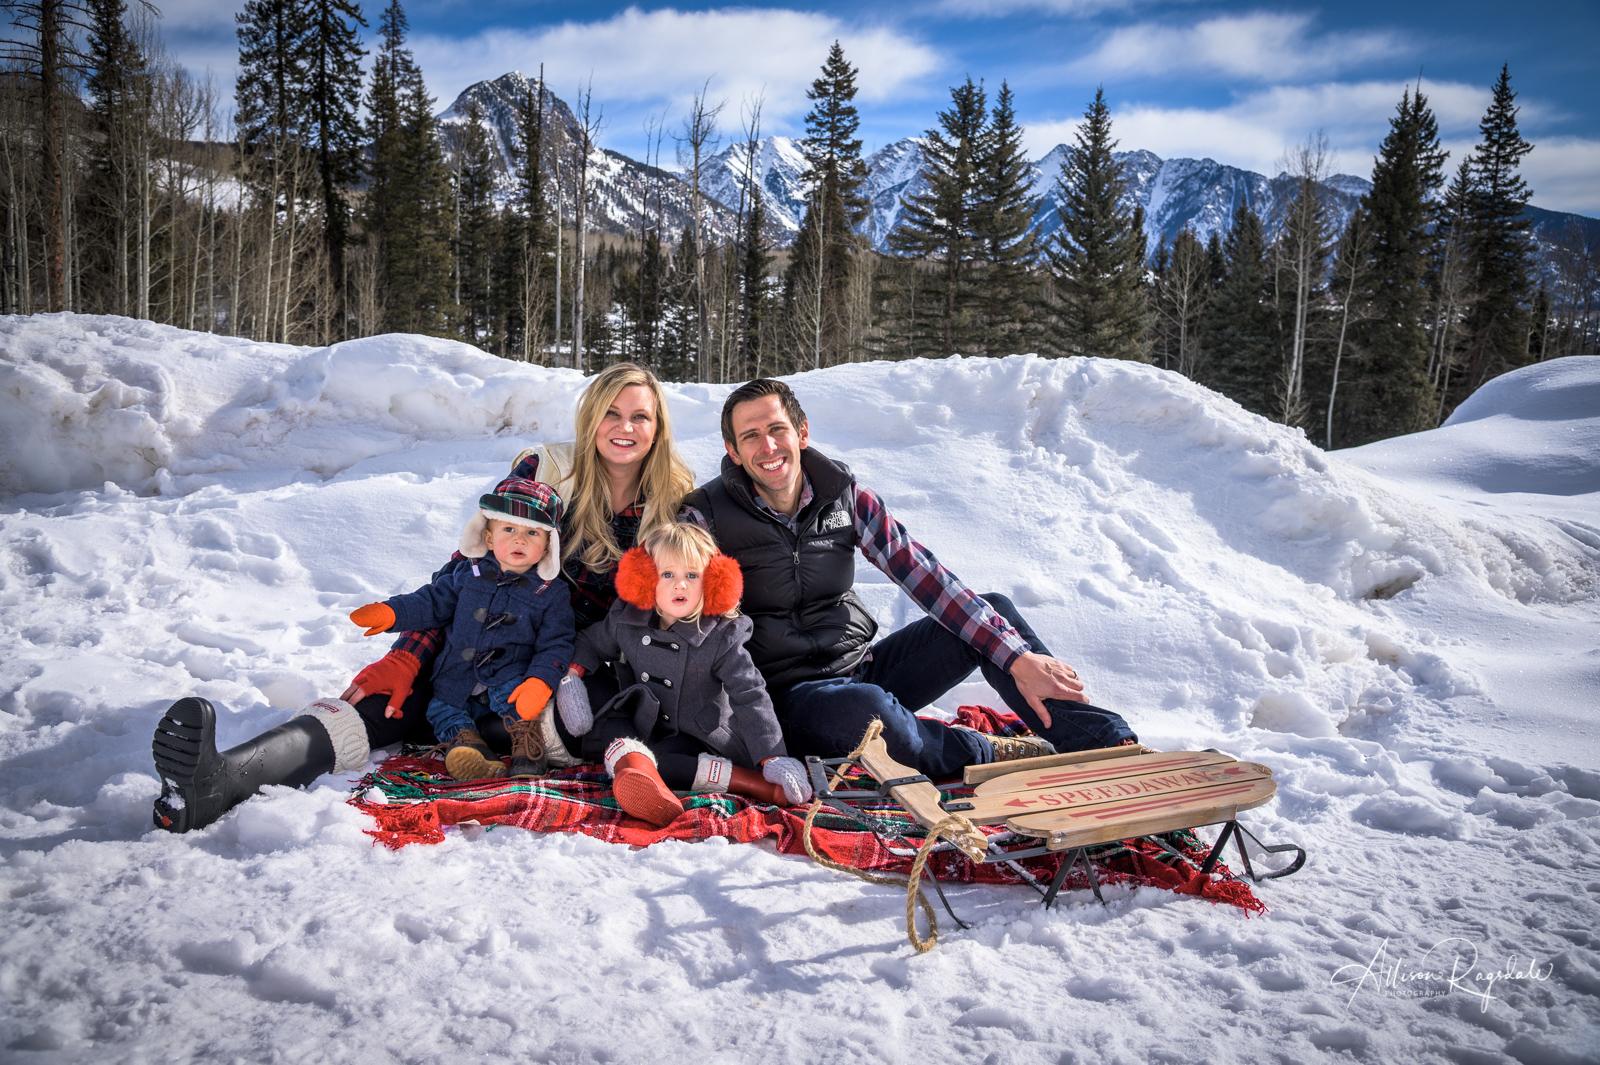 Goedken Family Winter Photos